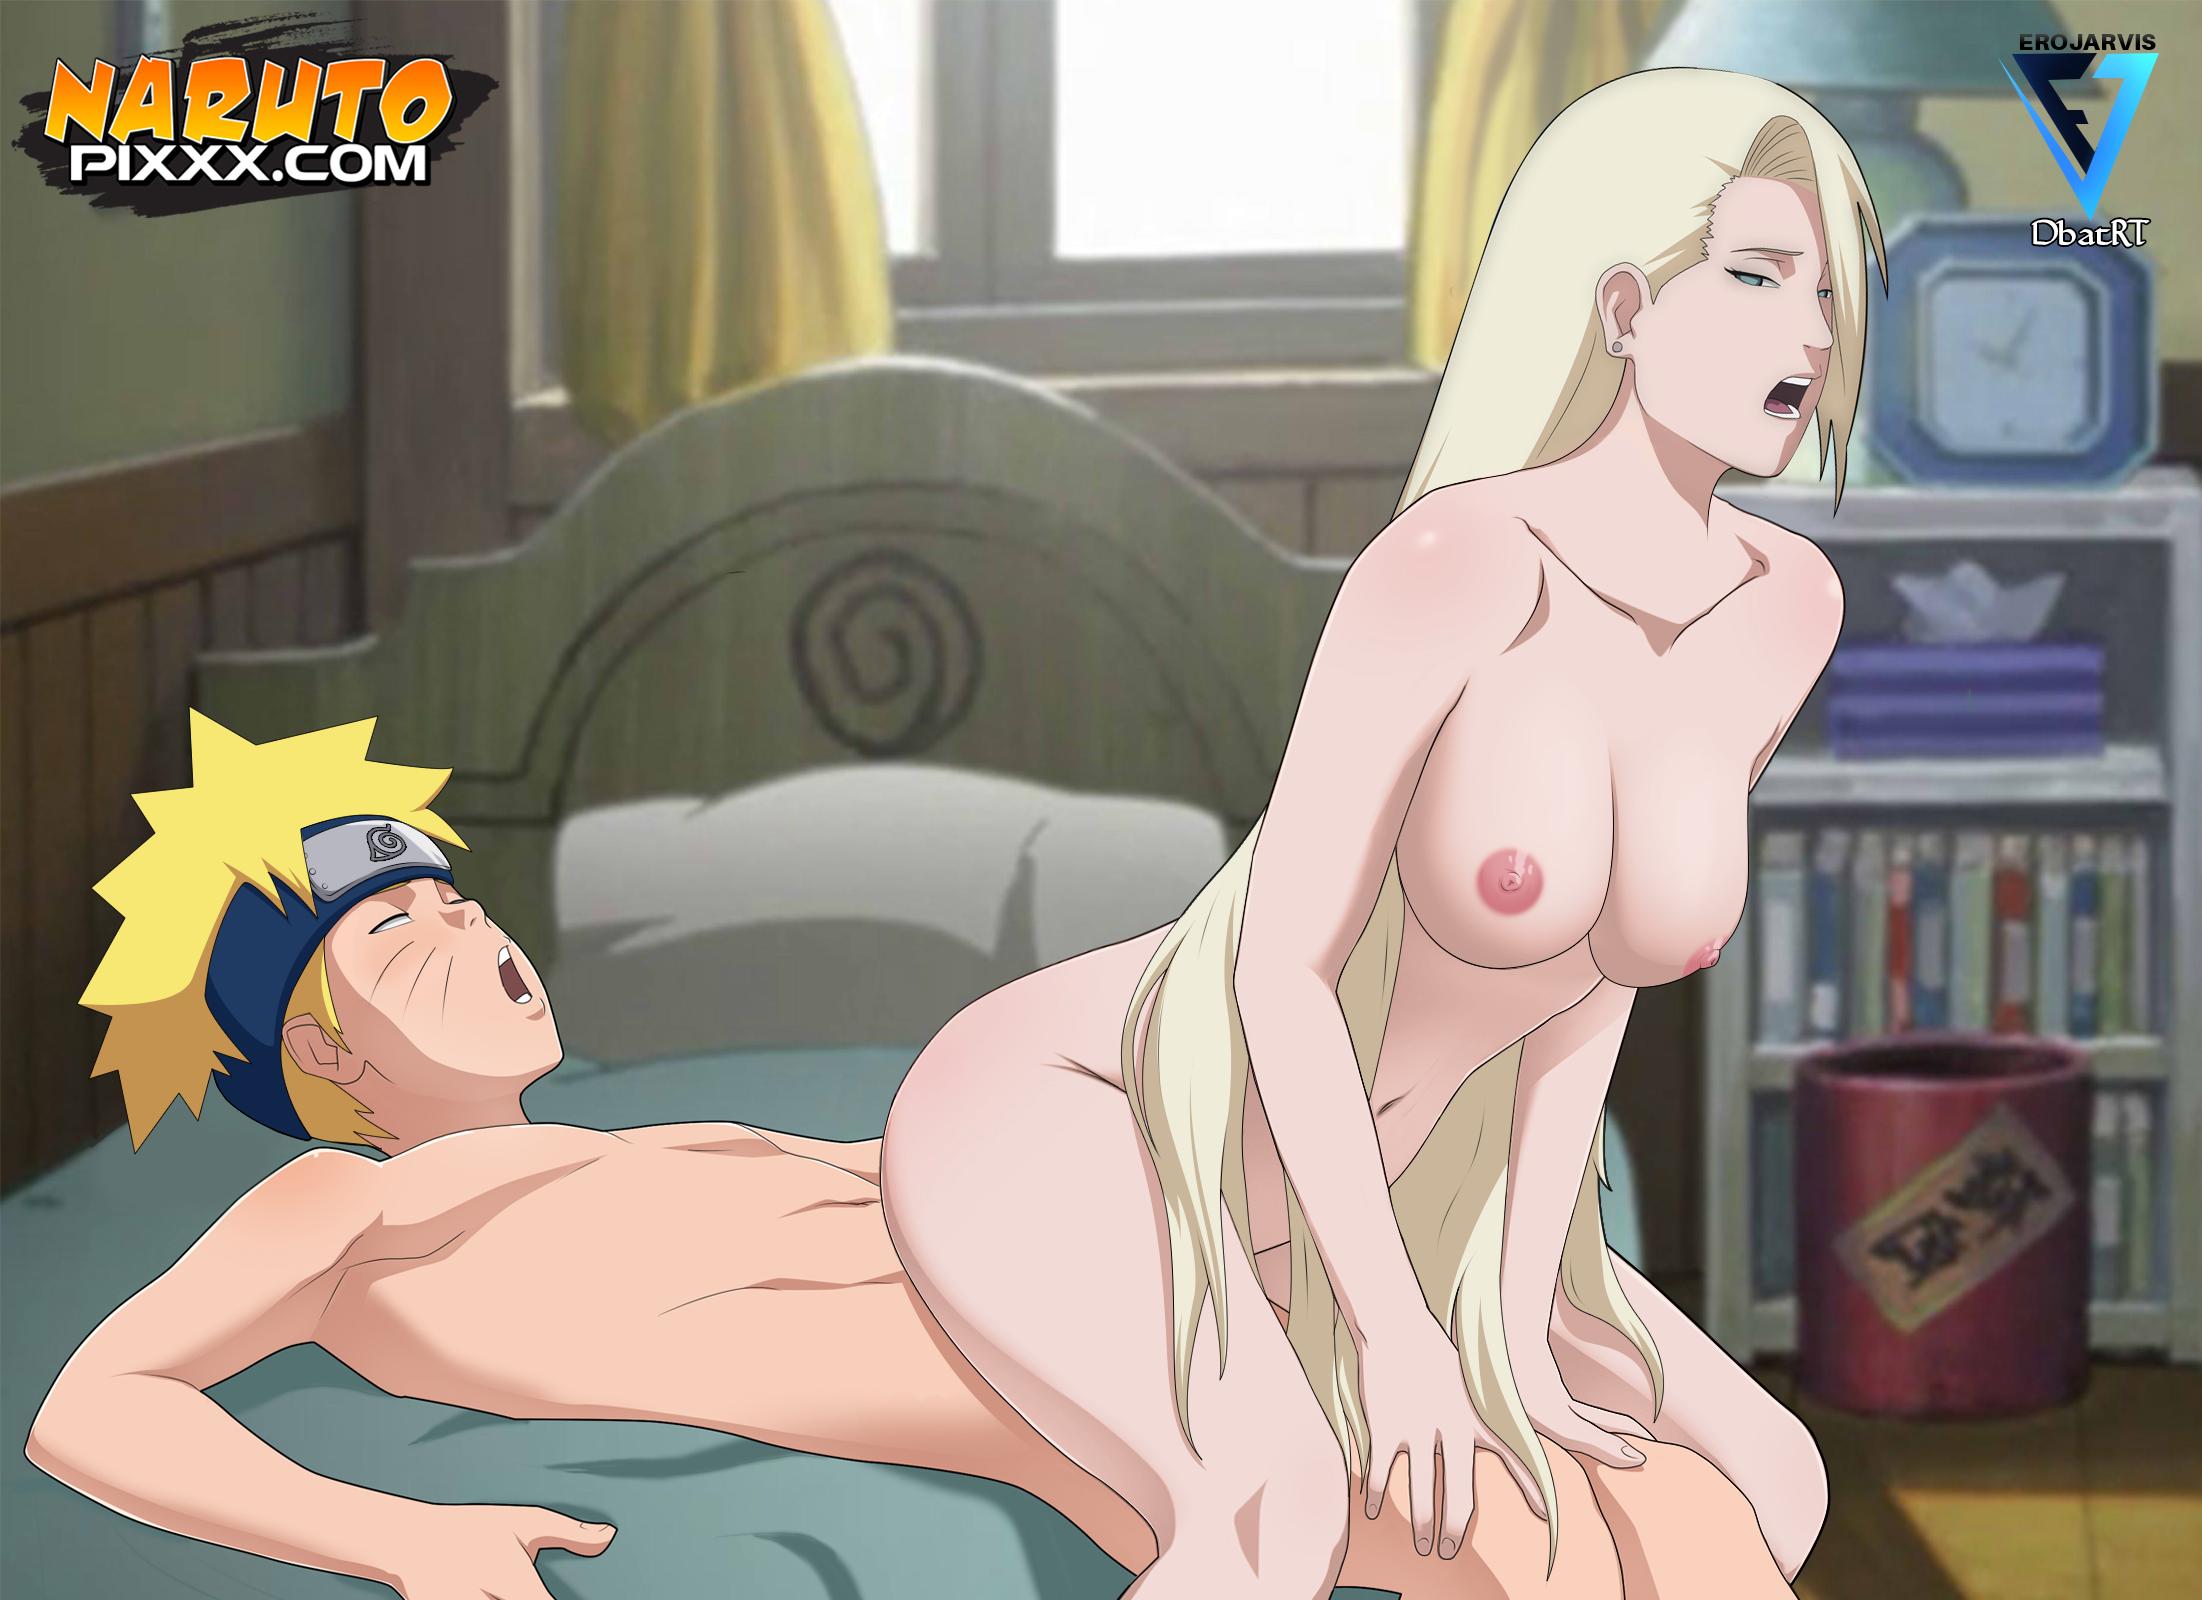 Naruto ino porn apologise